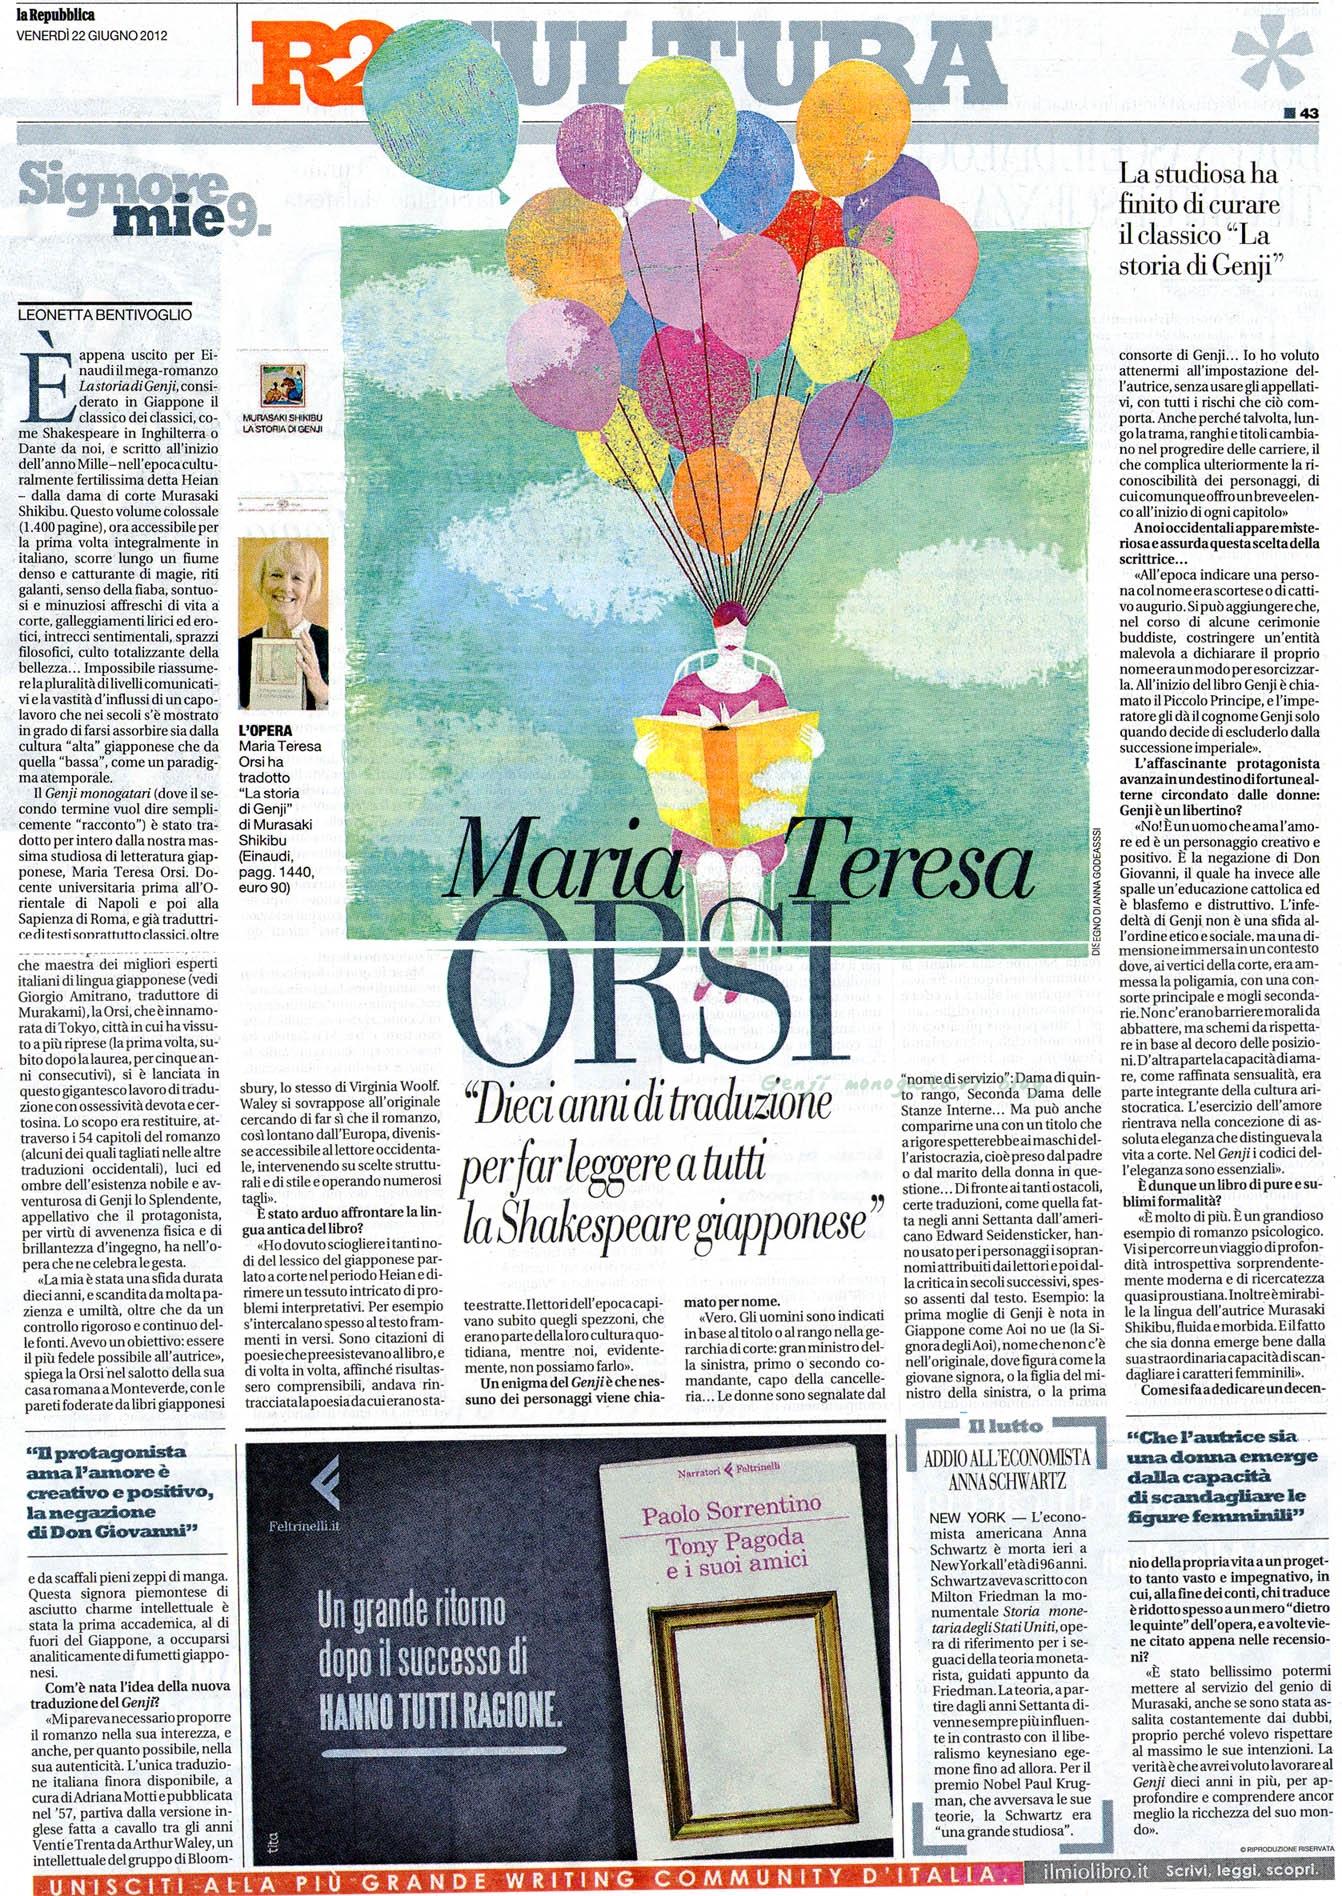 Maria Teresa Orsi su Repubblica